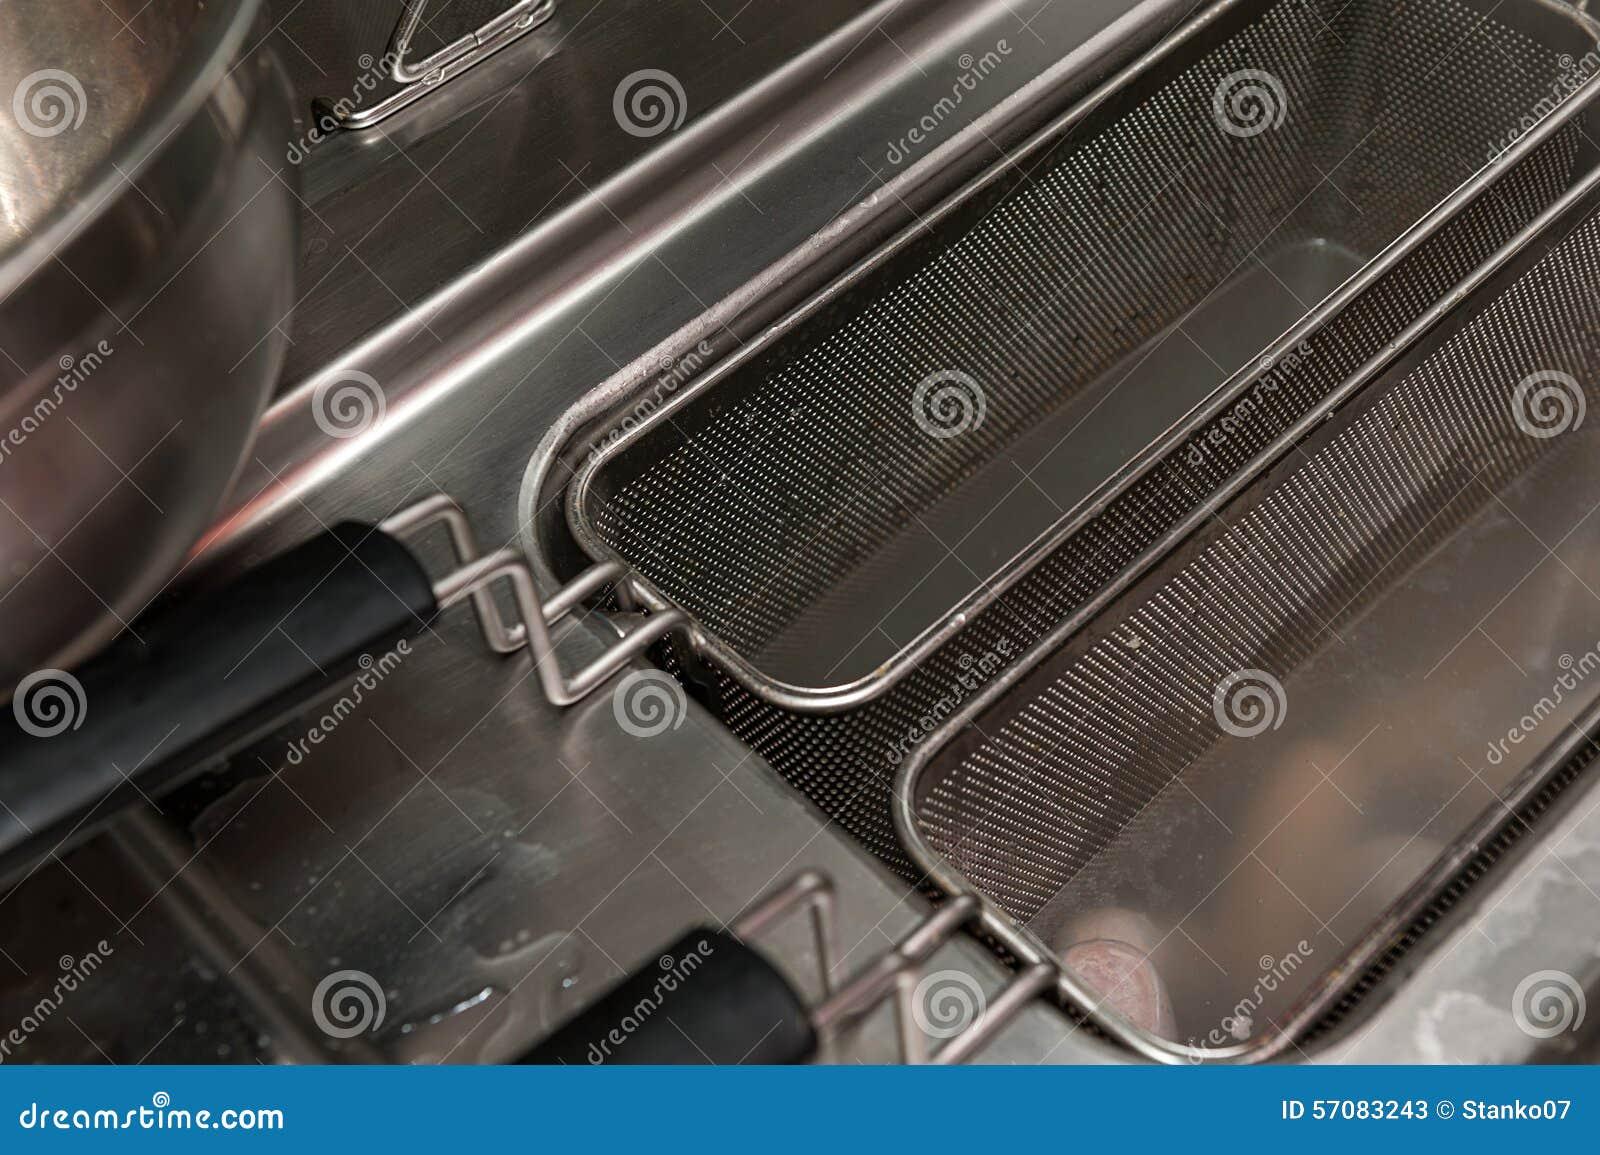 Deep fryer in restaurant kitchen